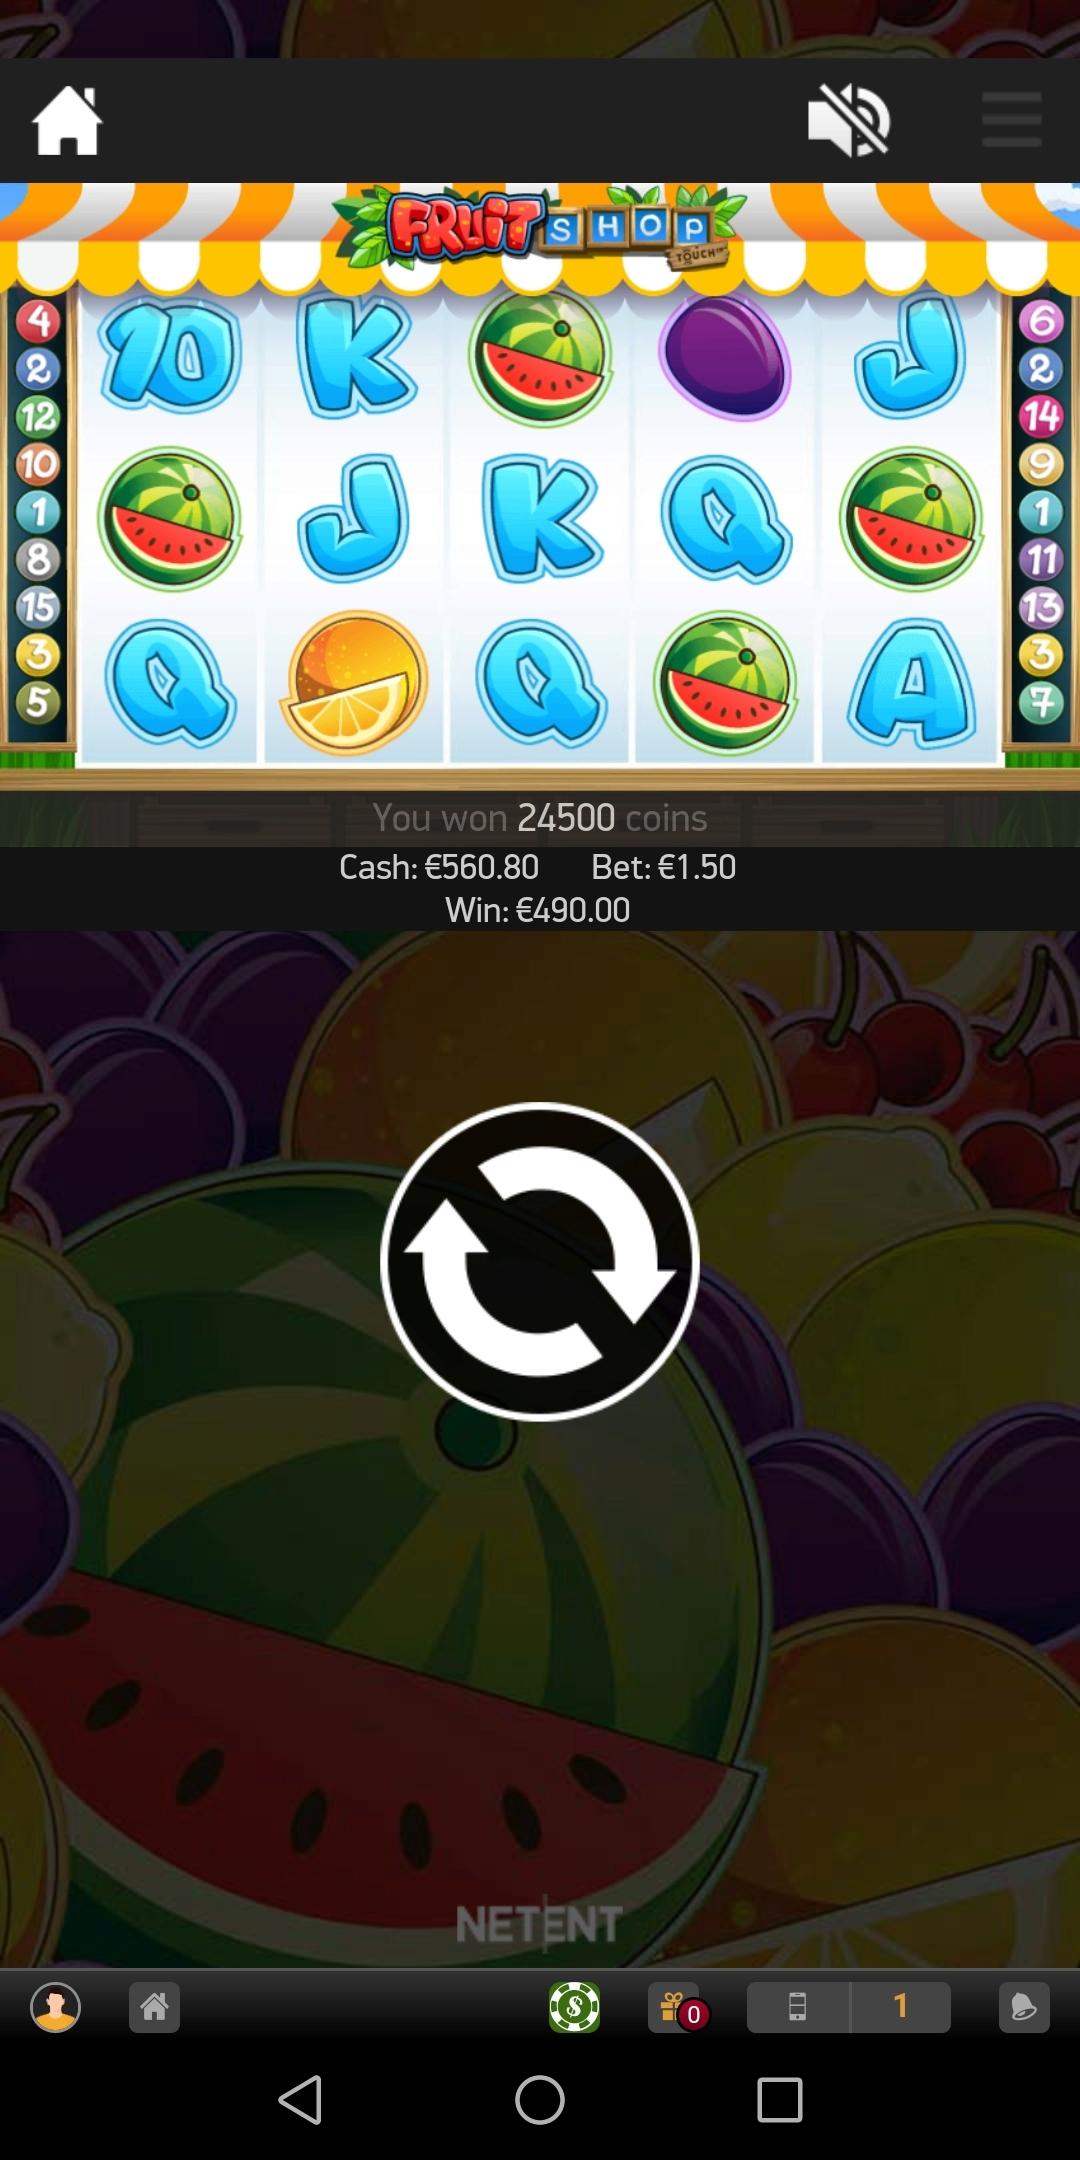 Screenshoty naszych wygranych (minimum 200zł - 50 euro) - kasyno - Page 19 Screen29